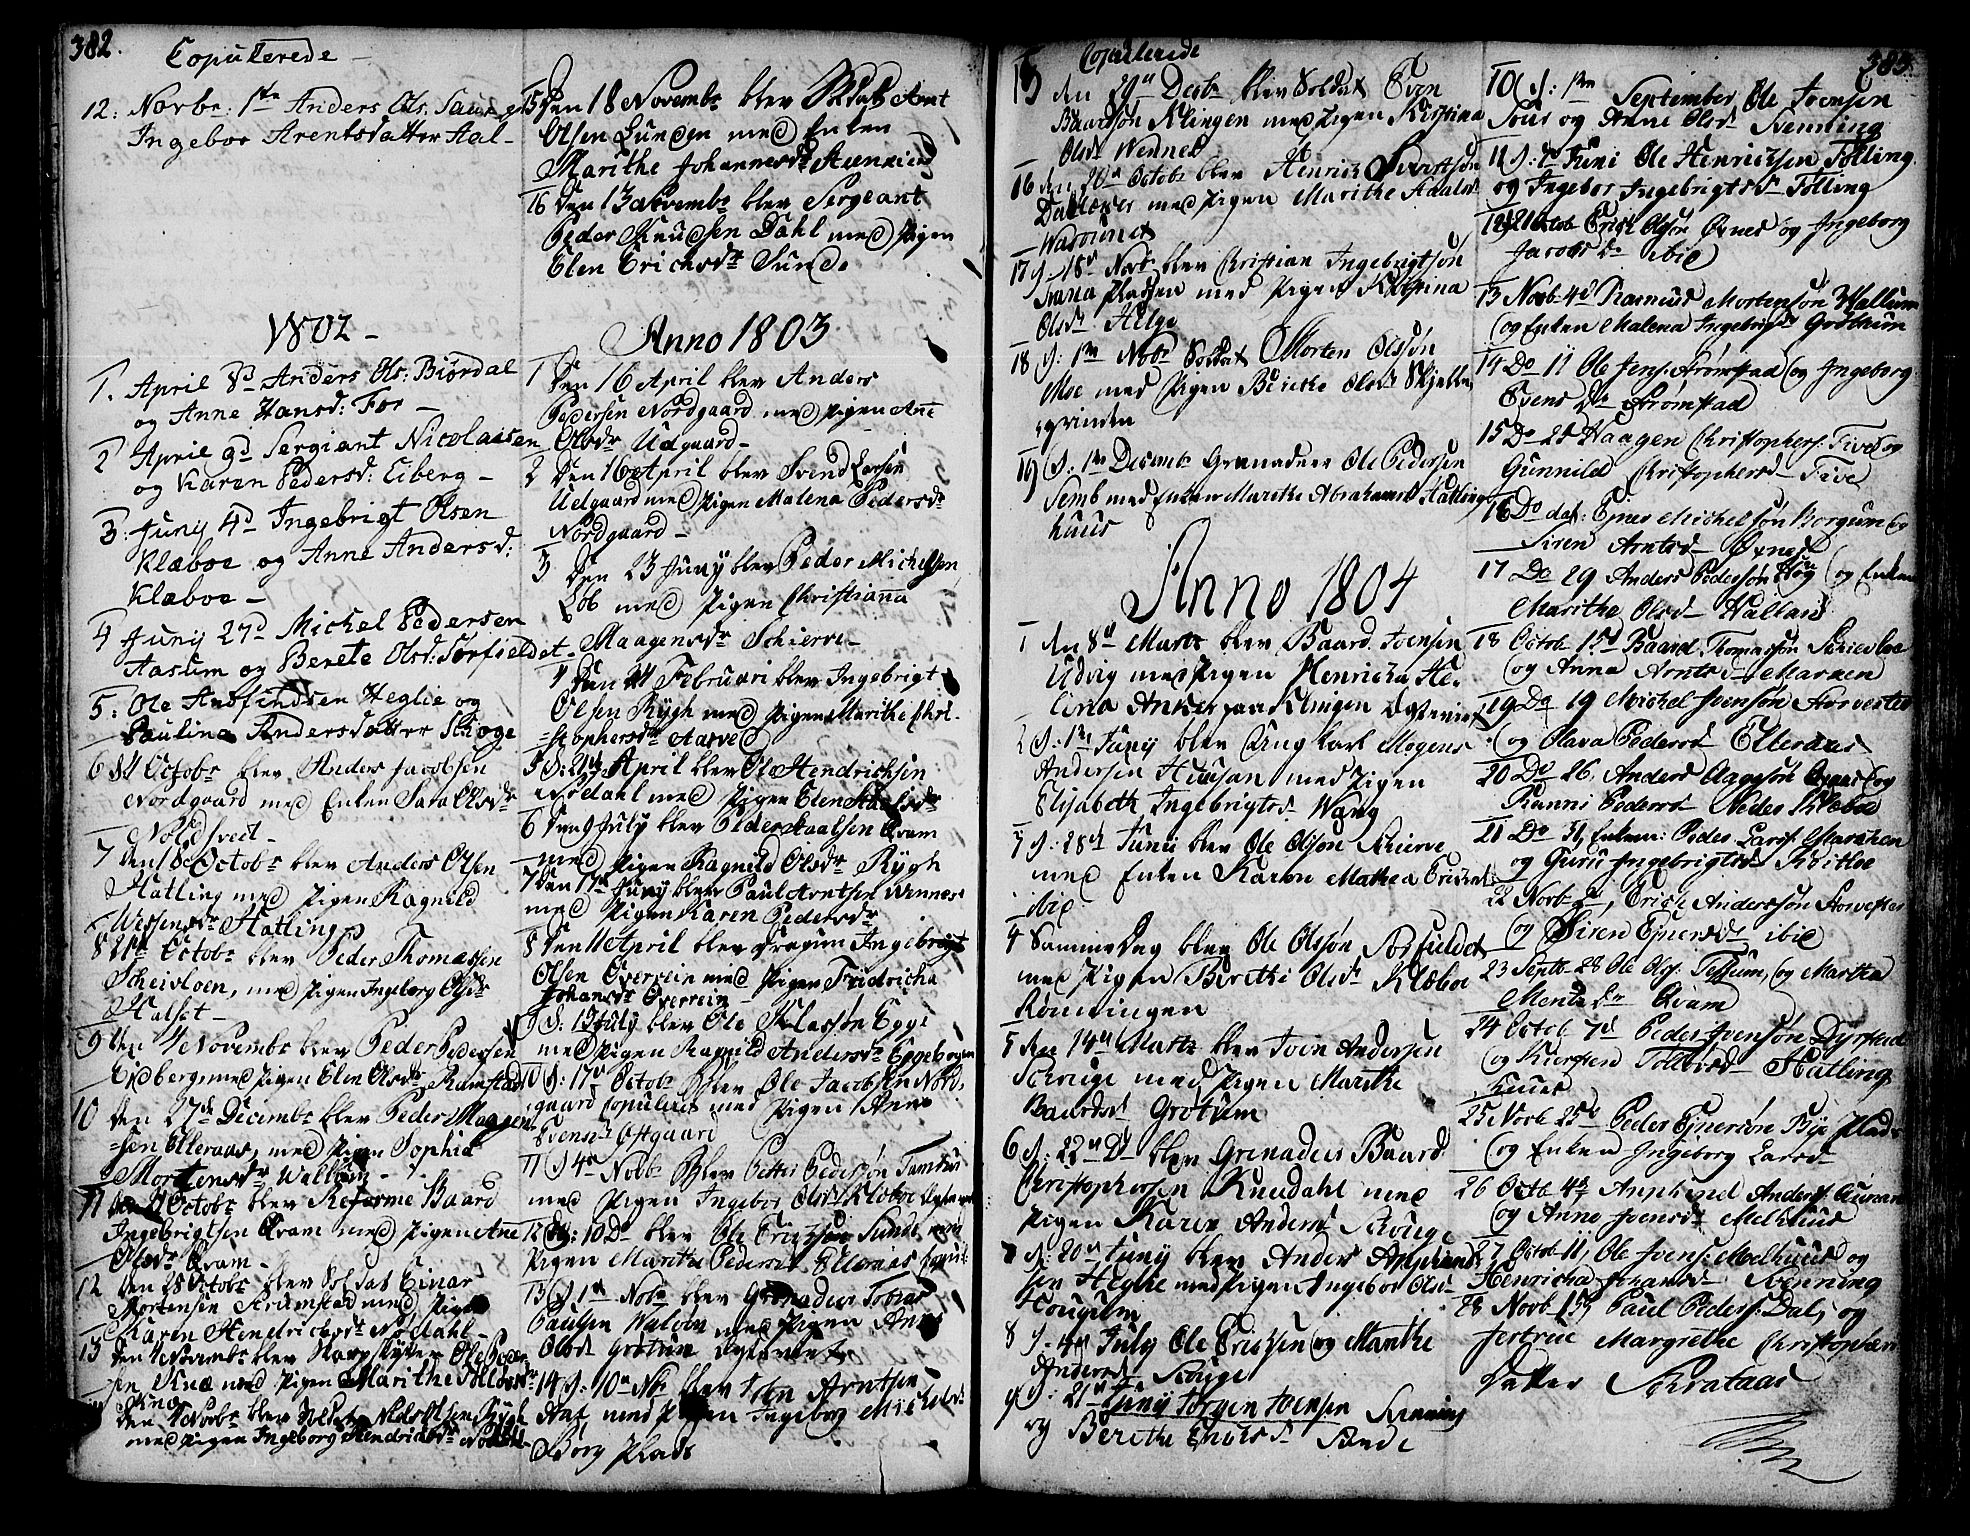 SAT, Ministerialprotokoller, klokkerbøker og fødselsregistre - Nord-Trøndelag, 746/L0440: Ministerialbok nr. 746A02, 1760-1815, s. 382-383